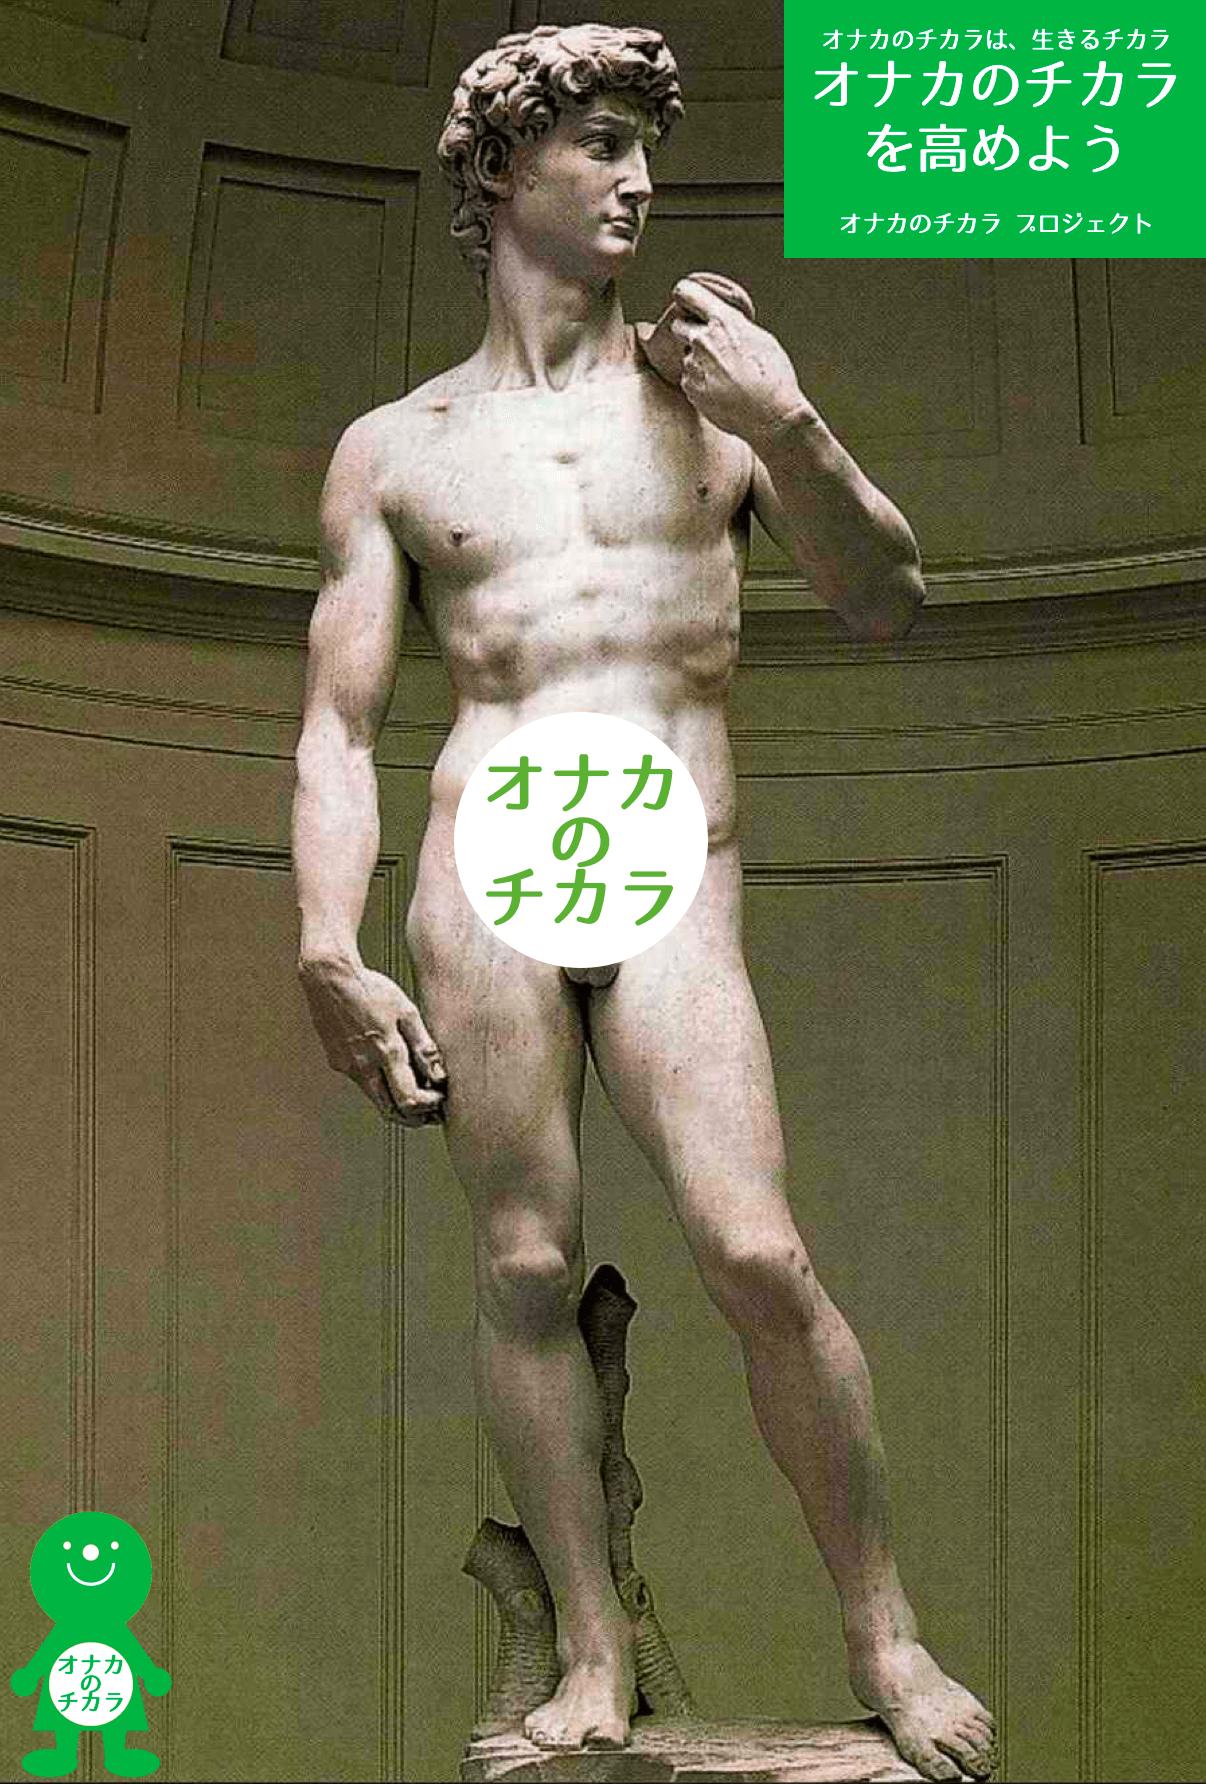 オナカのチカラプロジェクトポスター2